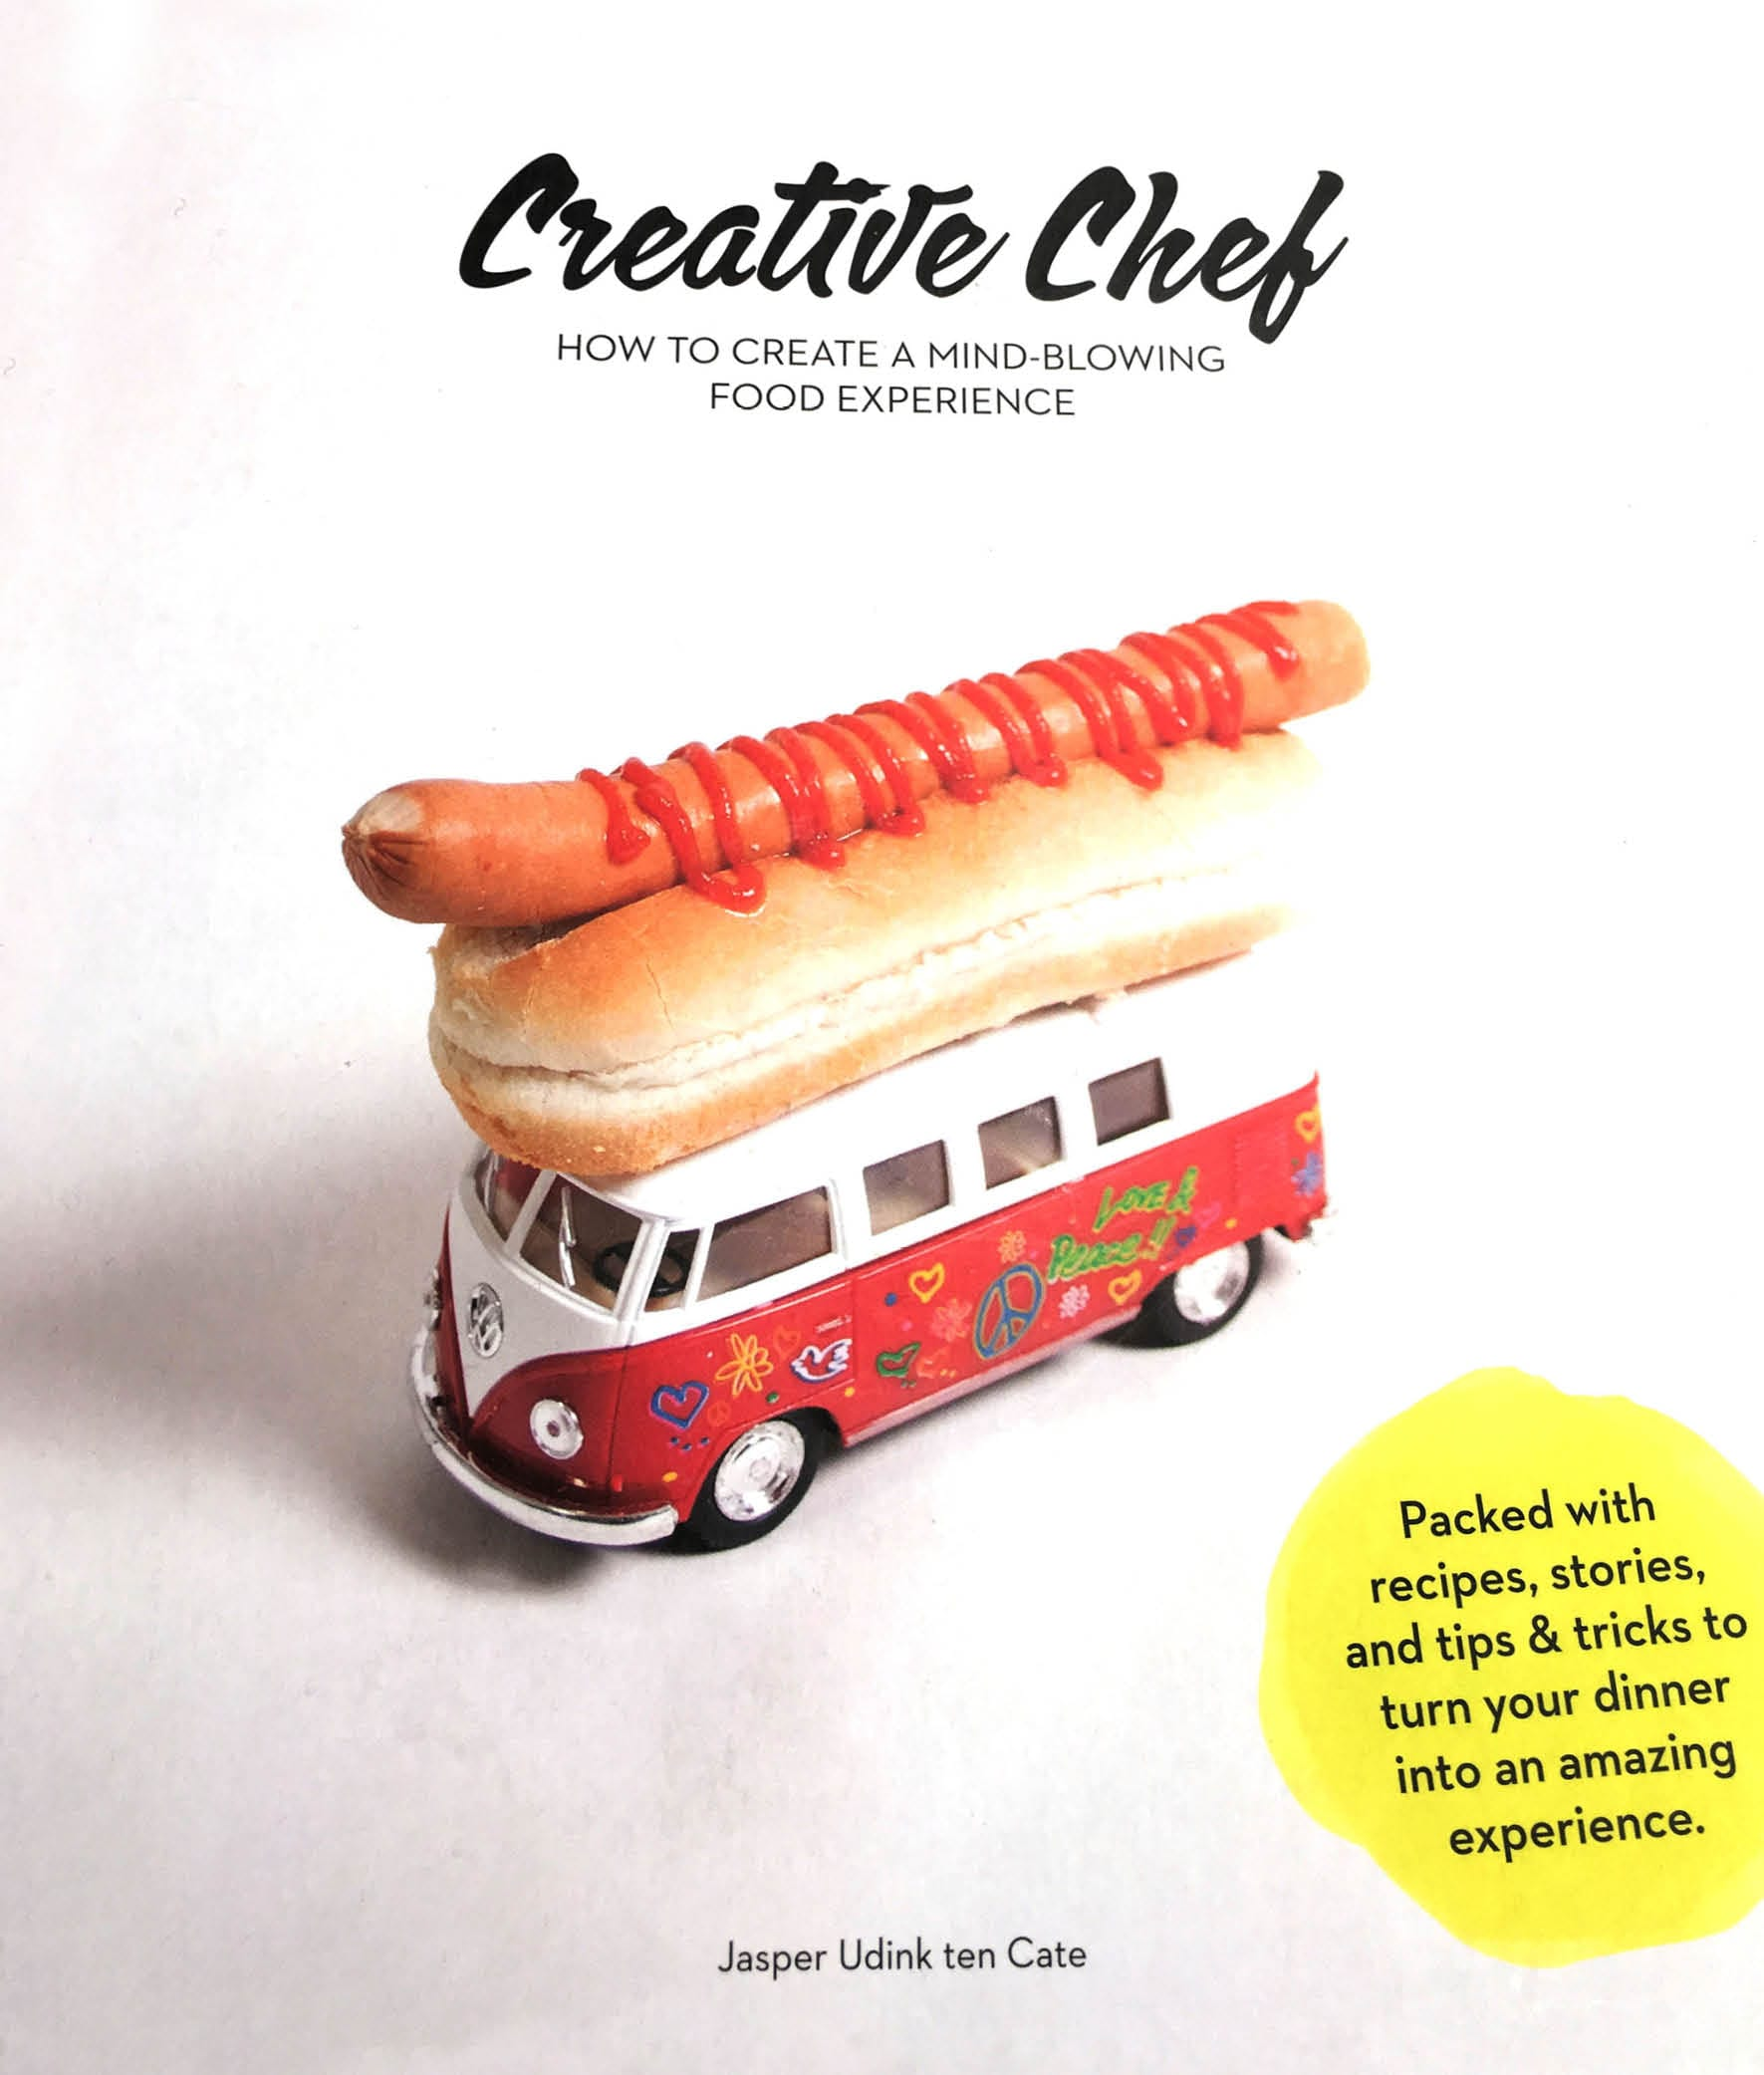 שולחן הלחנה - עשה שהצלחת שלך תשיר, Composition Table, Creative Chef Studio, שבוע העיצוב ההולנדי, איינדהובן 2019